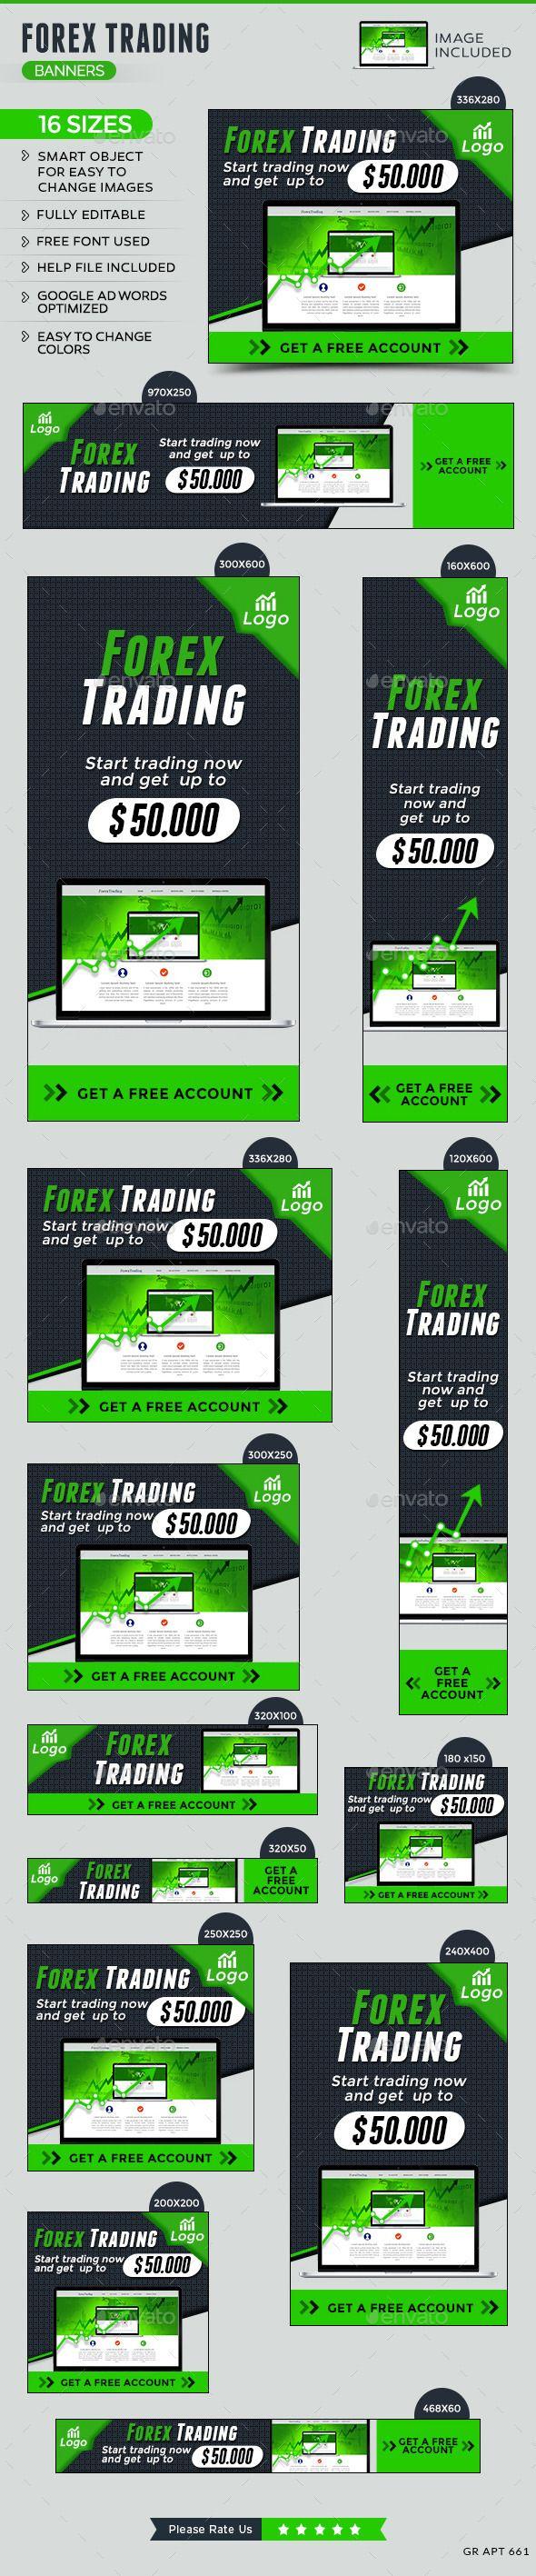 Advertising forex trading